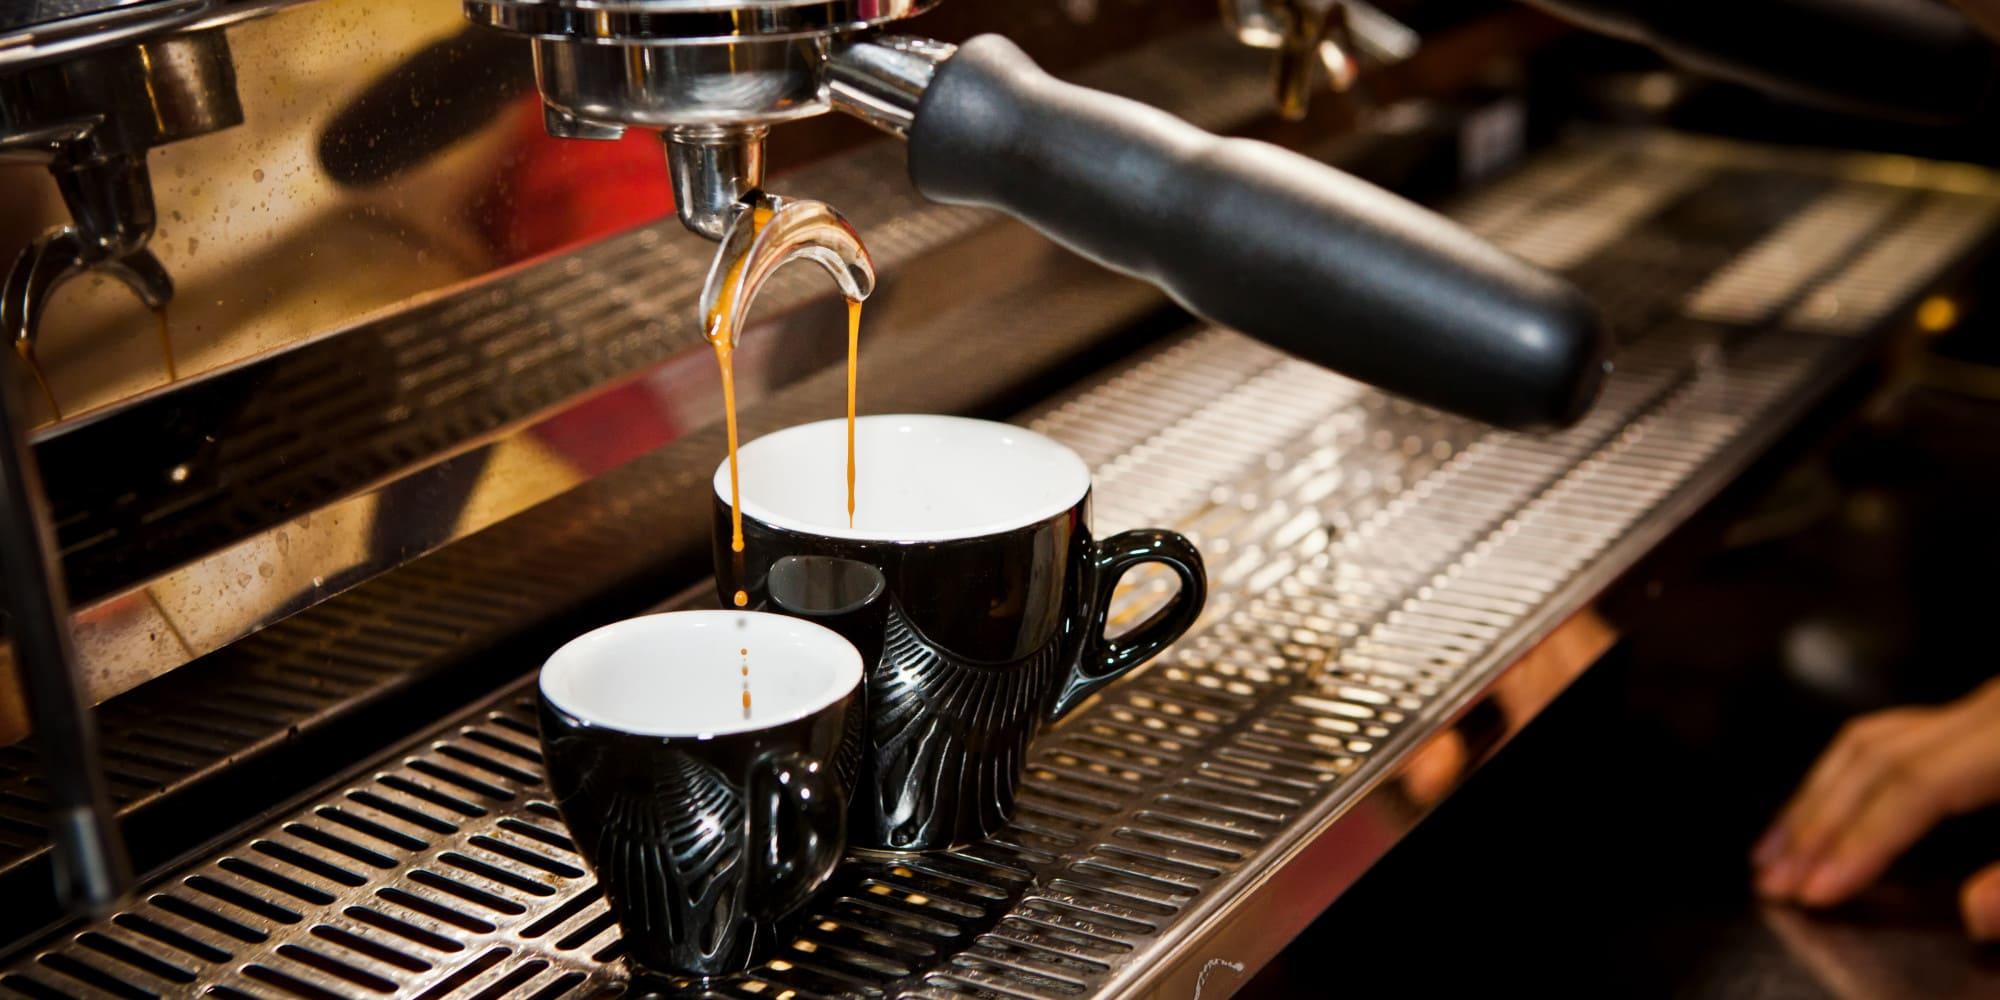 Преимущества профессиональной кофемашины